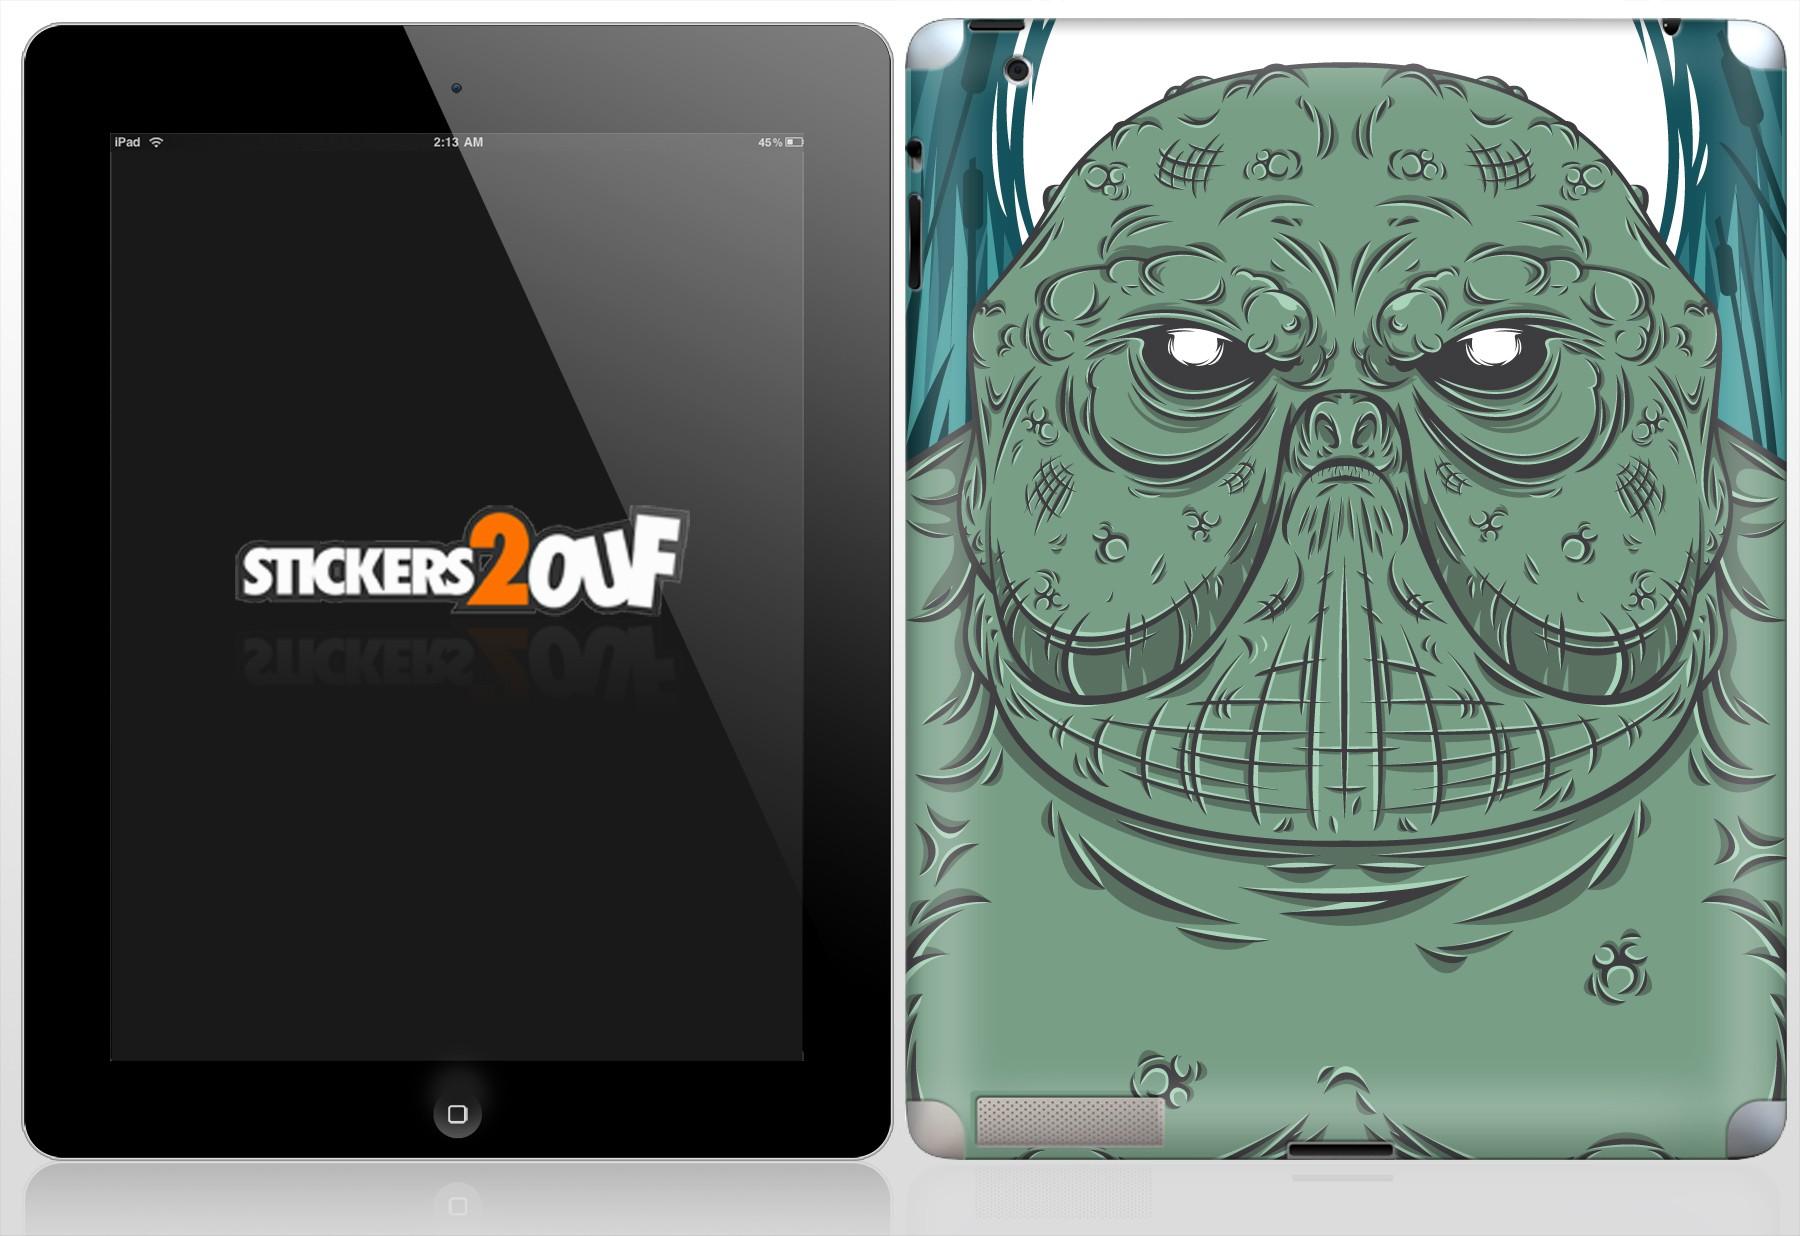 Swamp iPad 2 et Nouvel iPad